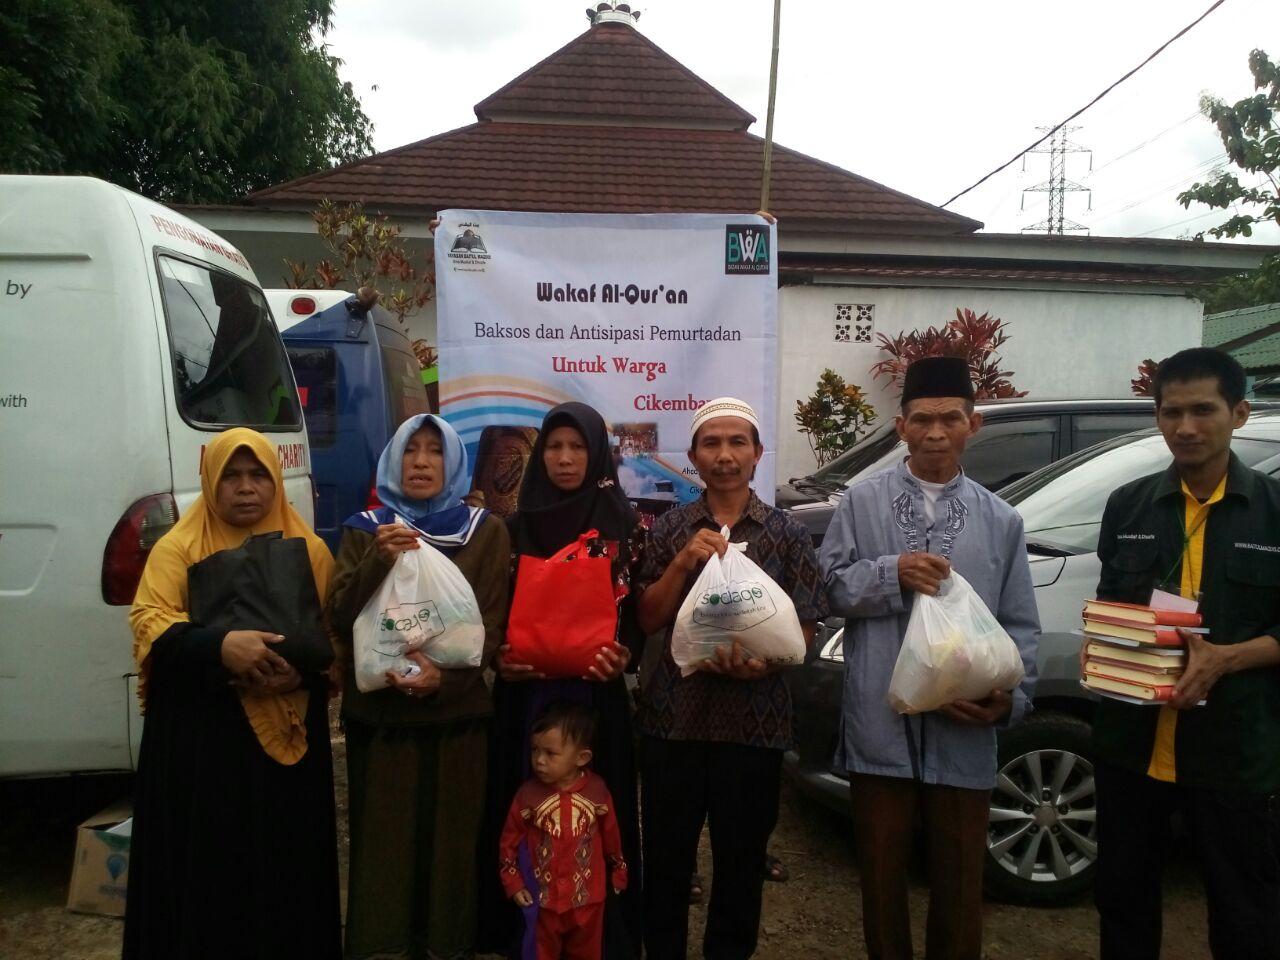 Bakti Sosial & Antisipasi Pemurtadan Di Cikembar, Sukabumi